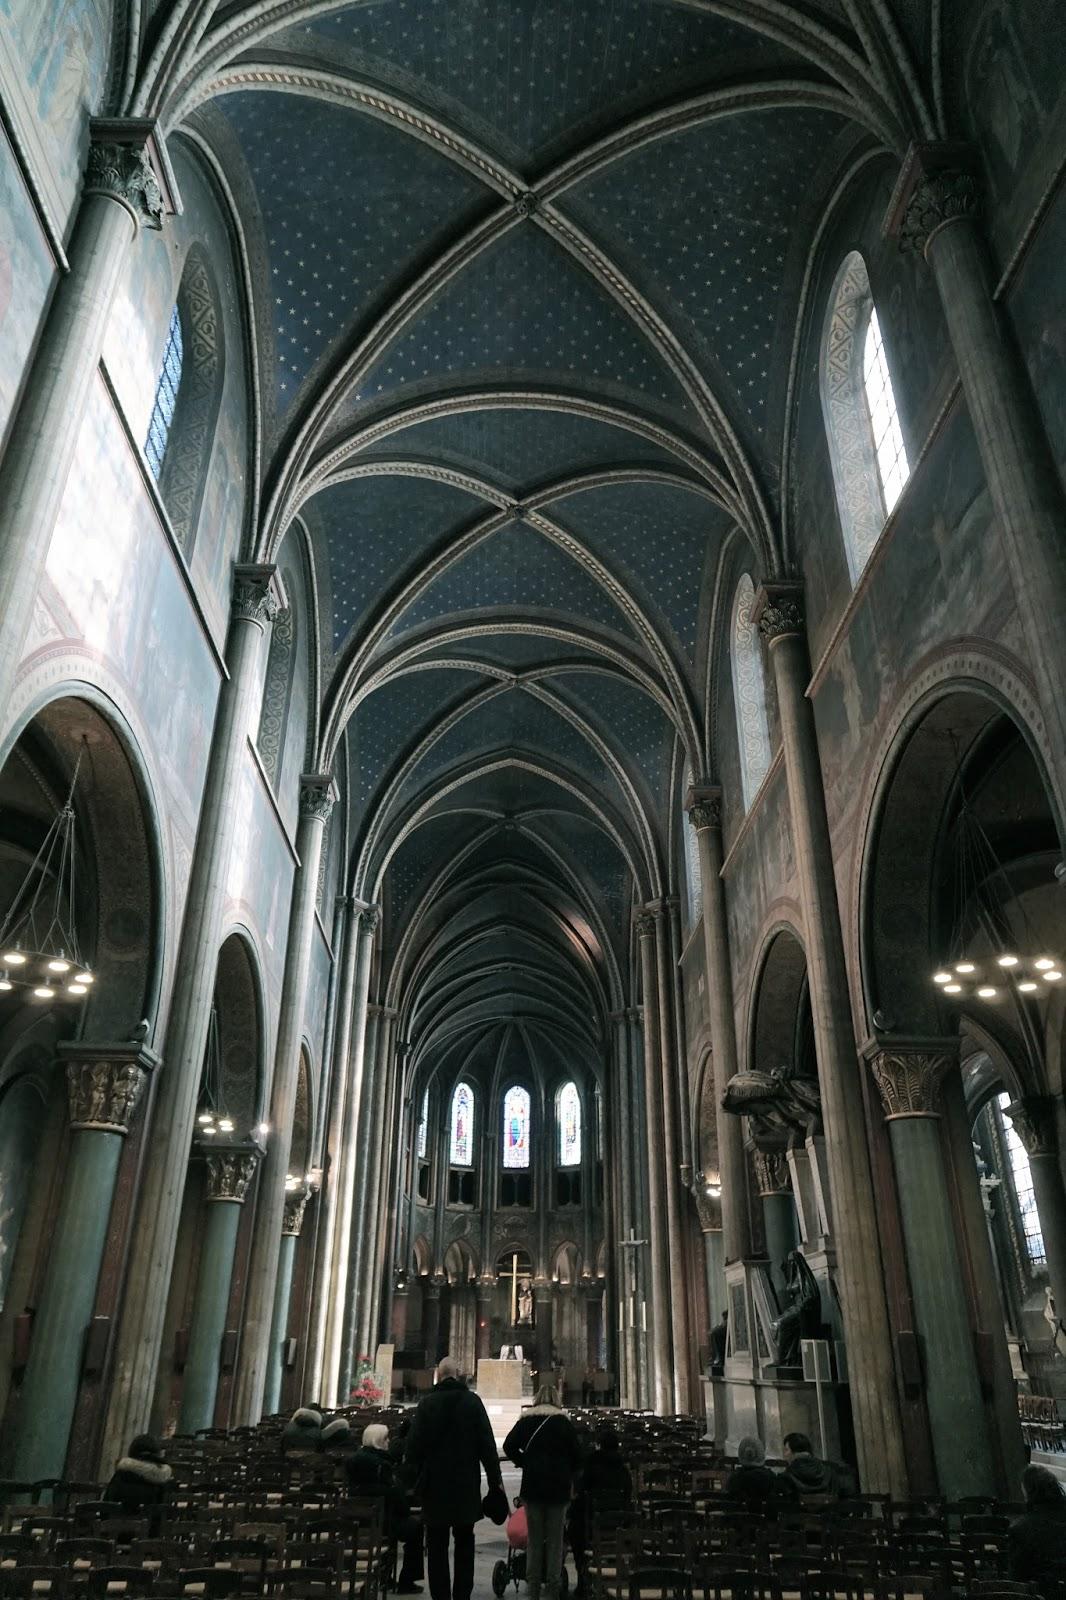 サン=ジェルマン=デ=プレ教会(église Saint-Germain des Prés)